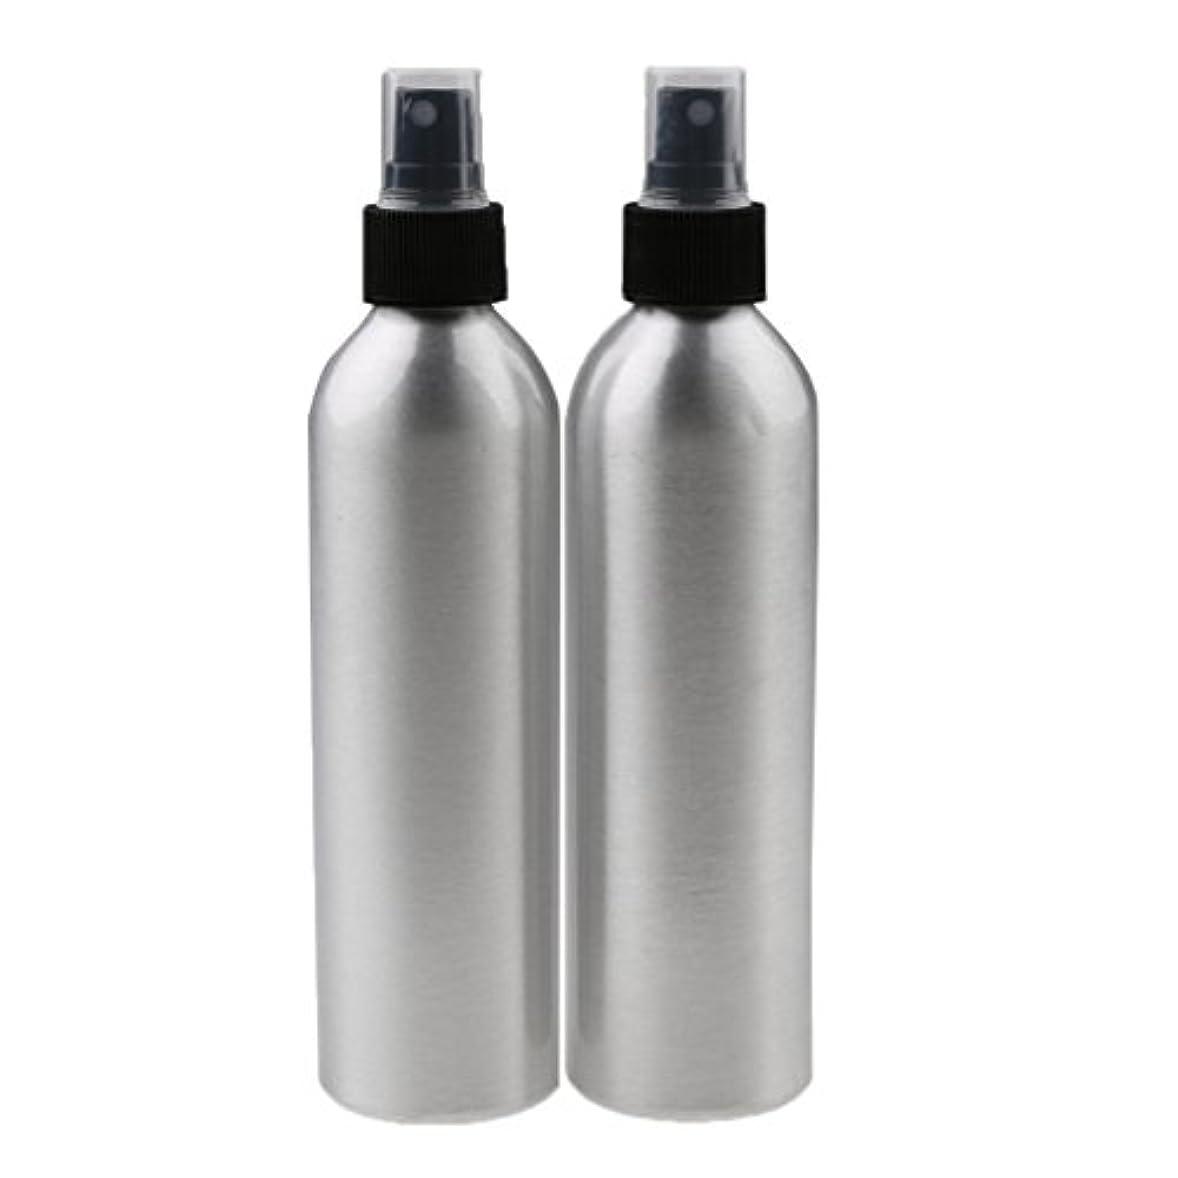 テニス別れる指Lovoski 2個入り 旅行 アルミ ミスト スプレー 香水ボトル メイクアップ スプレー アトマイザー 香水瓶 携帯用 軽量 便利  全4サイズ - 100ml